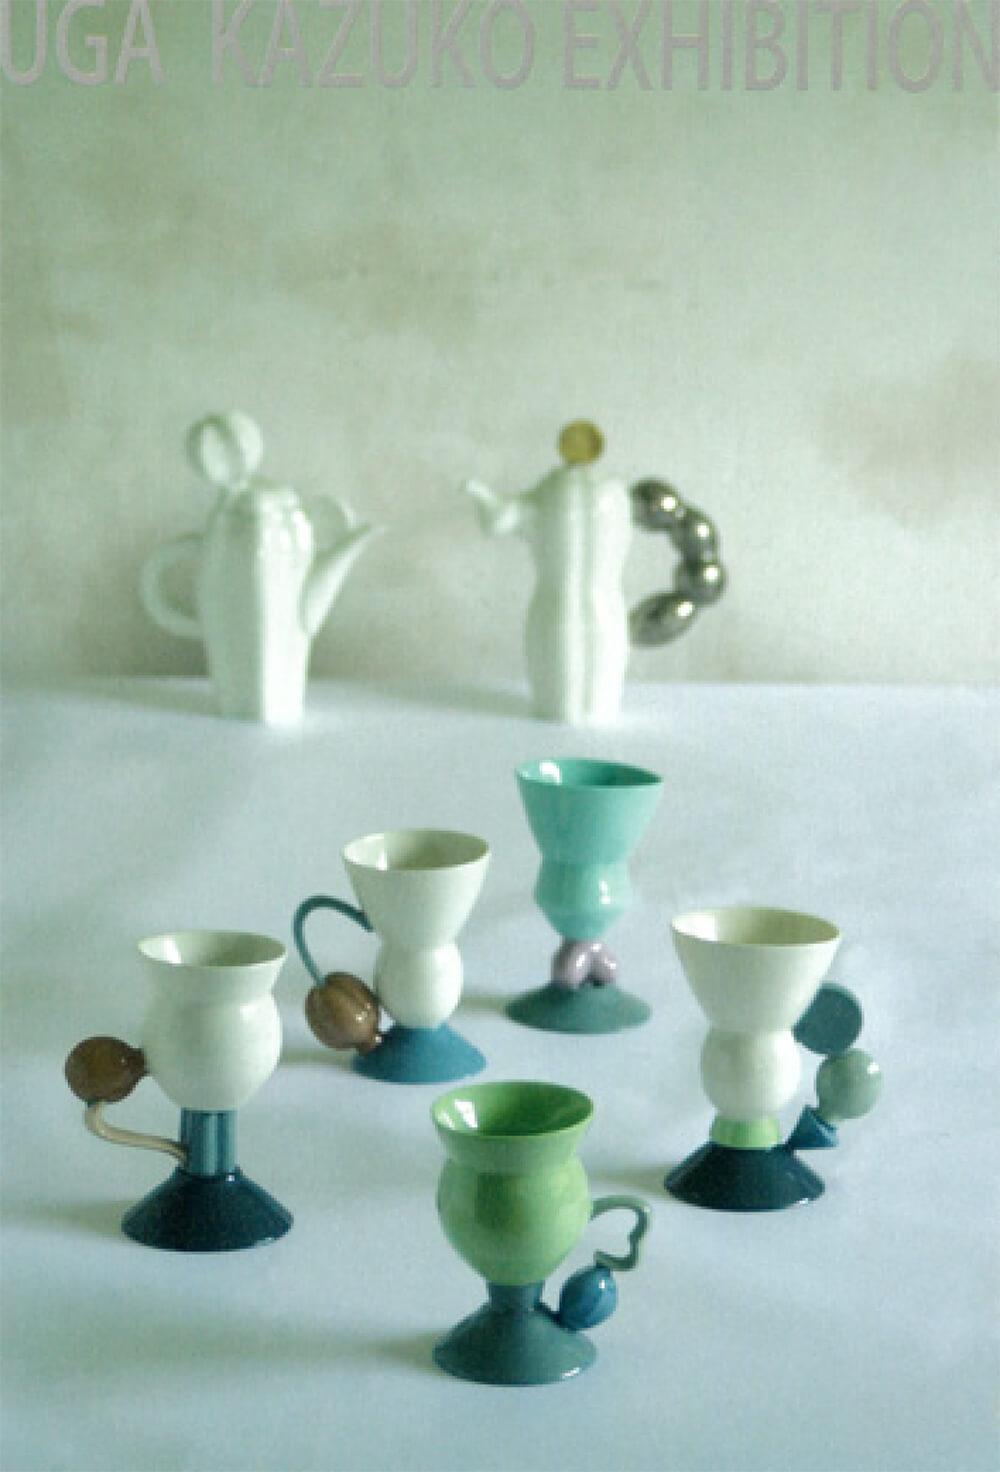 2020年8月28日から開催の「イロトカタチデアソブ 宇賀 和子 陶展」の作品